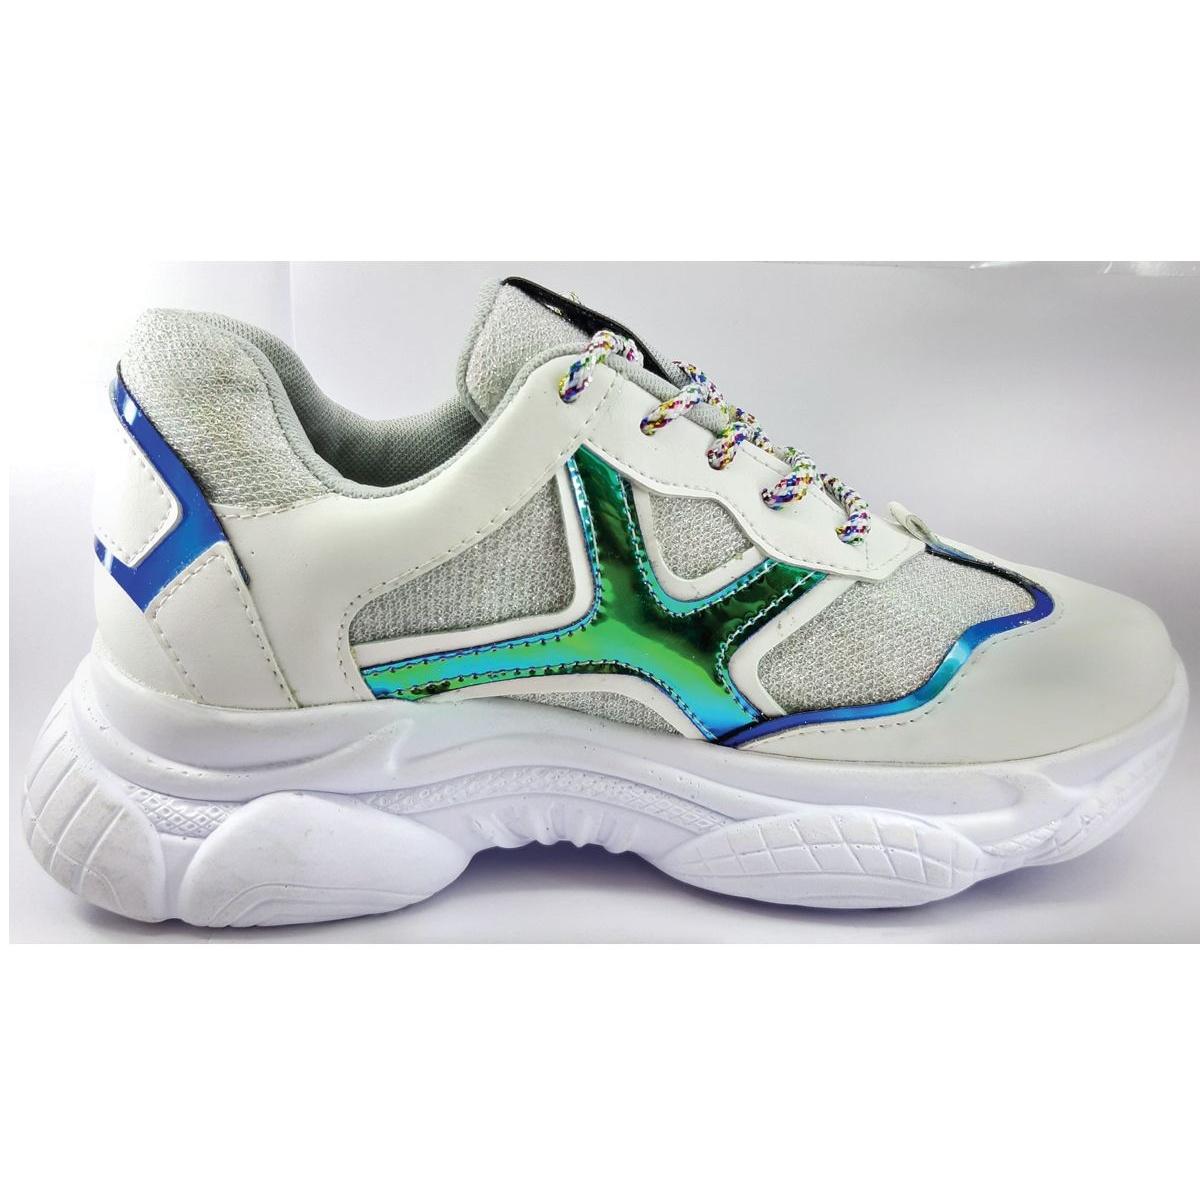 کفش مخصوص پیاده روی زنانه کد Bx3742